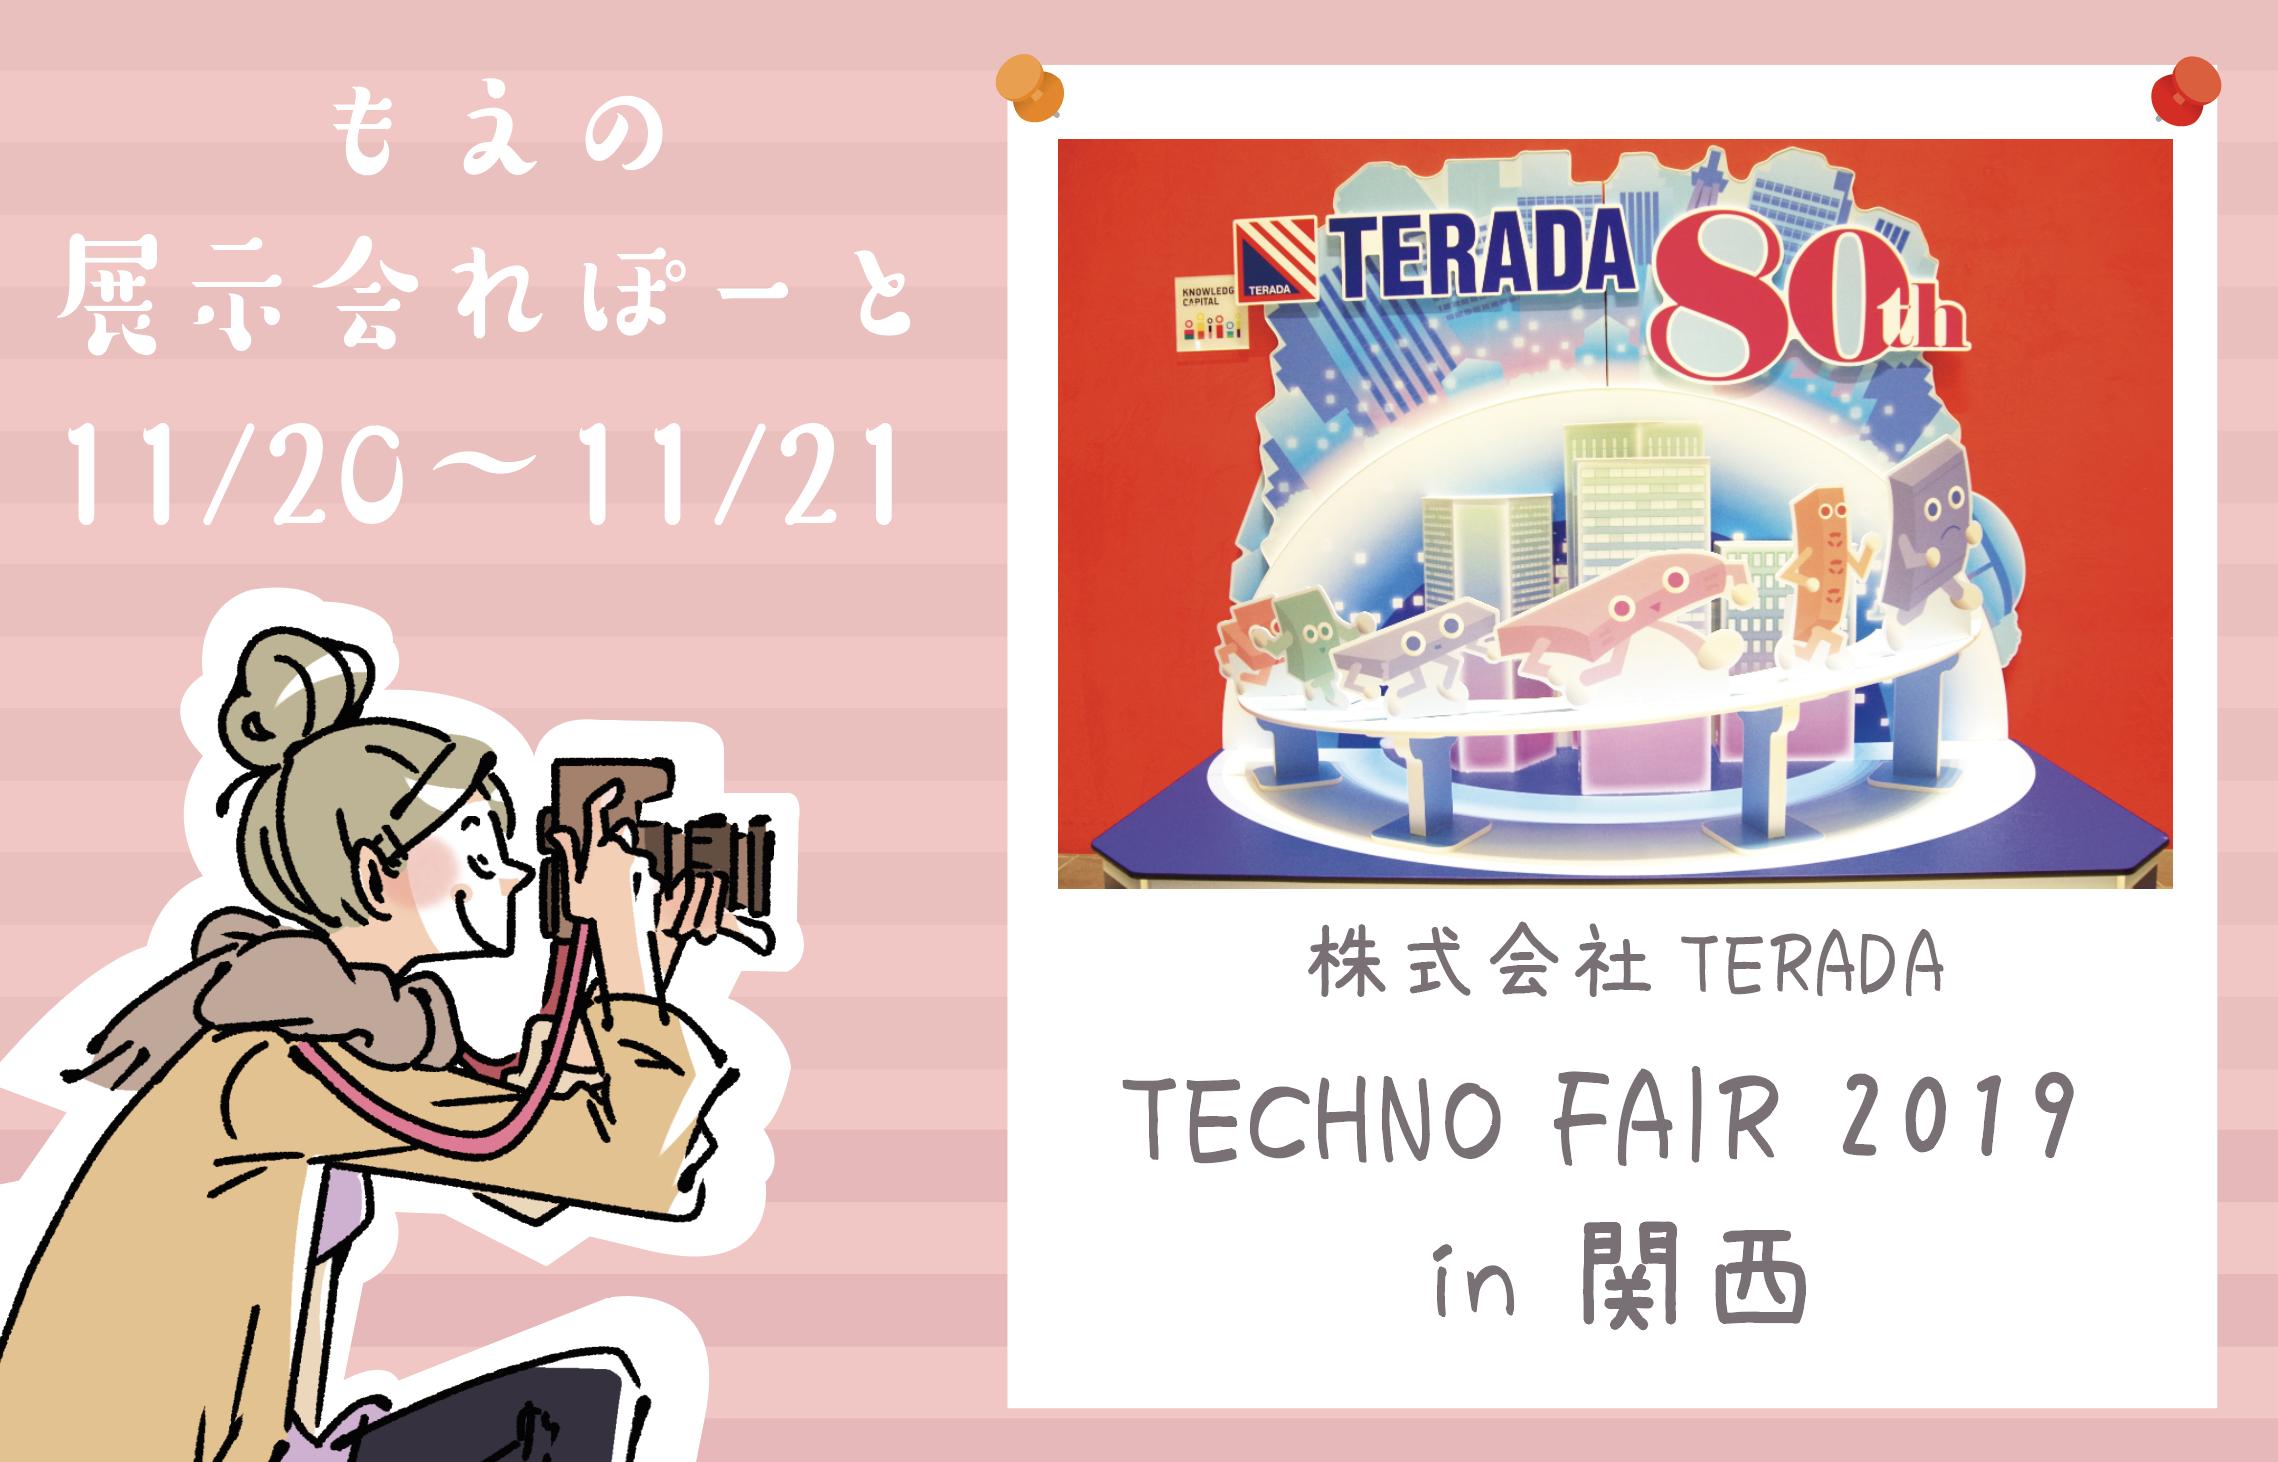 もえの展示会れぽーと【30】 株式会社TERADA 「TECHNO FAIR 2019 in 関西」に行ってきました!の画像